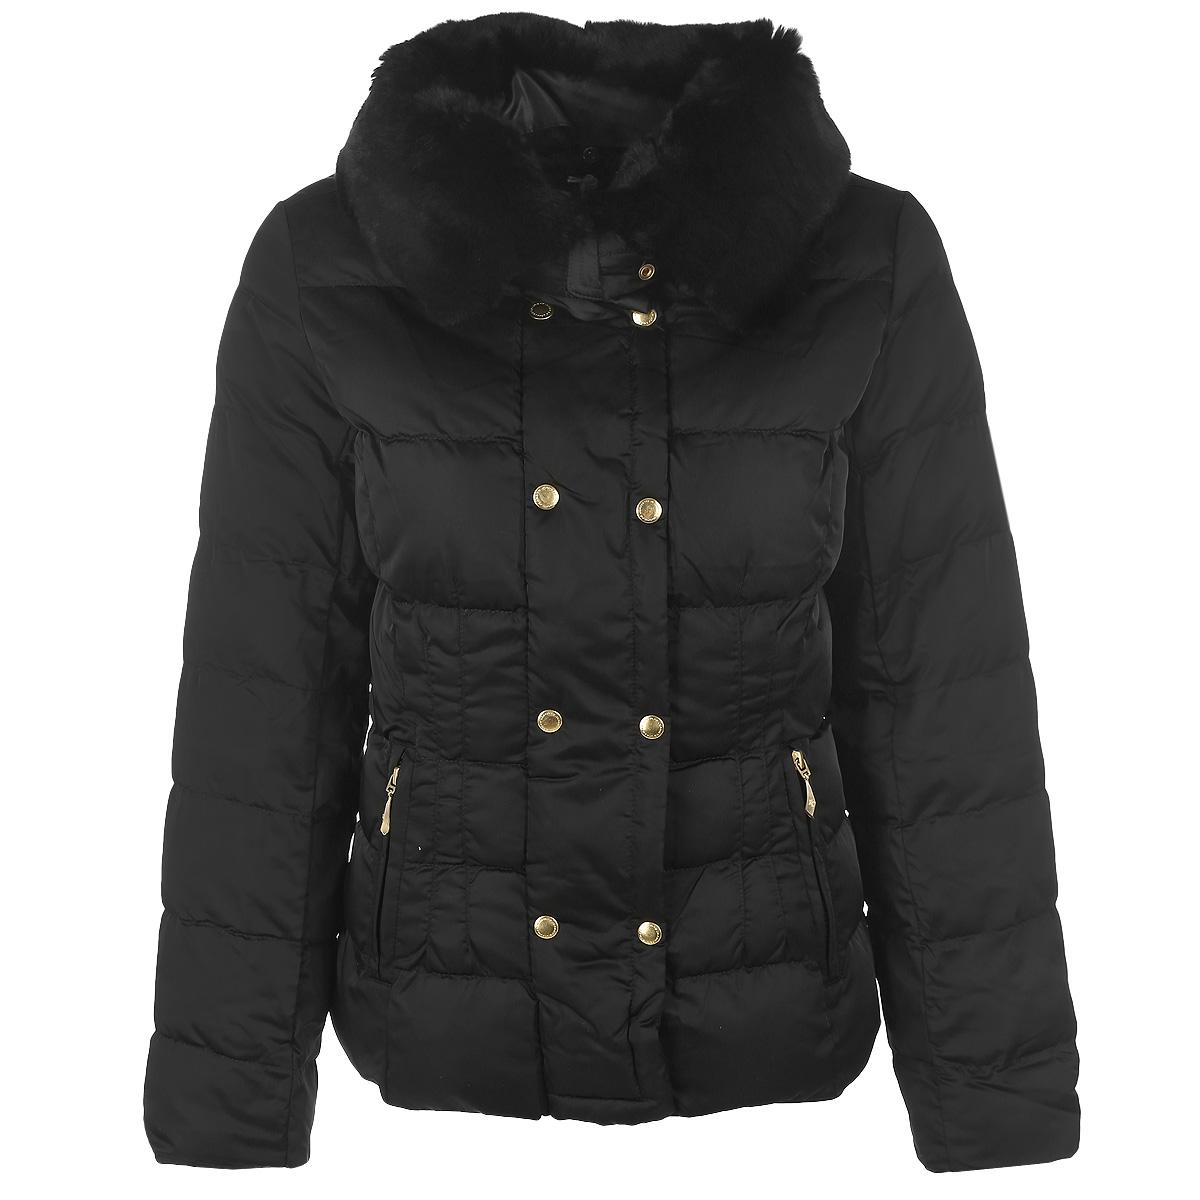 Куртка женская. 16494/WF16494/WFУтепленная стеганая куртка F5 может стать вашей любимой моделью - ведь с ней будет так легко! Куртка выполнена из непромокаемого нейлона с утеплителем Silk Floss и оформлена съемным воротником из натурального меха. Модель прямого кроя с воротником-стойкой застегивается на пластиковую молнию и дополнительно на ветрозащитный клапан на кнопках. Спереди куртка дополнена двумя втачными карманами на молниях. На внутренней стороне предусмотрено два вшитых кармана на молниях. В такой куртке вам будет уютно, тепло и комфортно в любую погоду. Отличный выбор для девушек, ценящих стильные и практичные вещи.